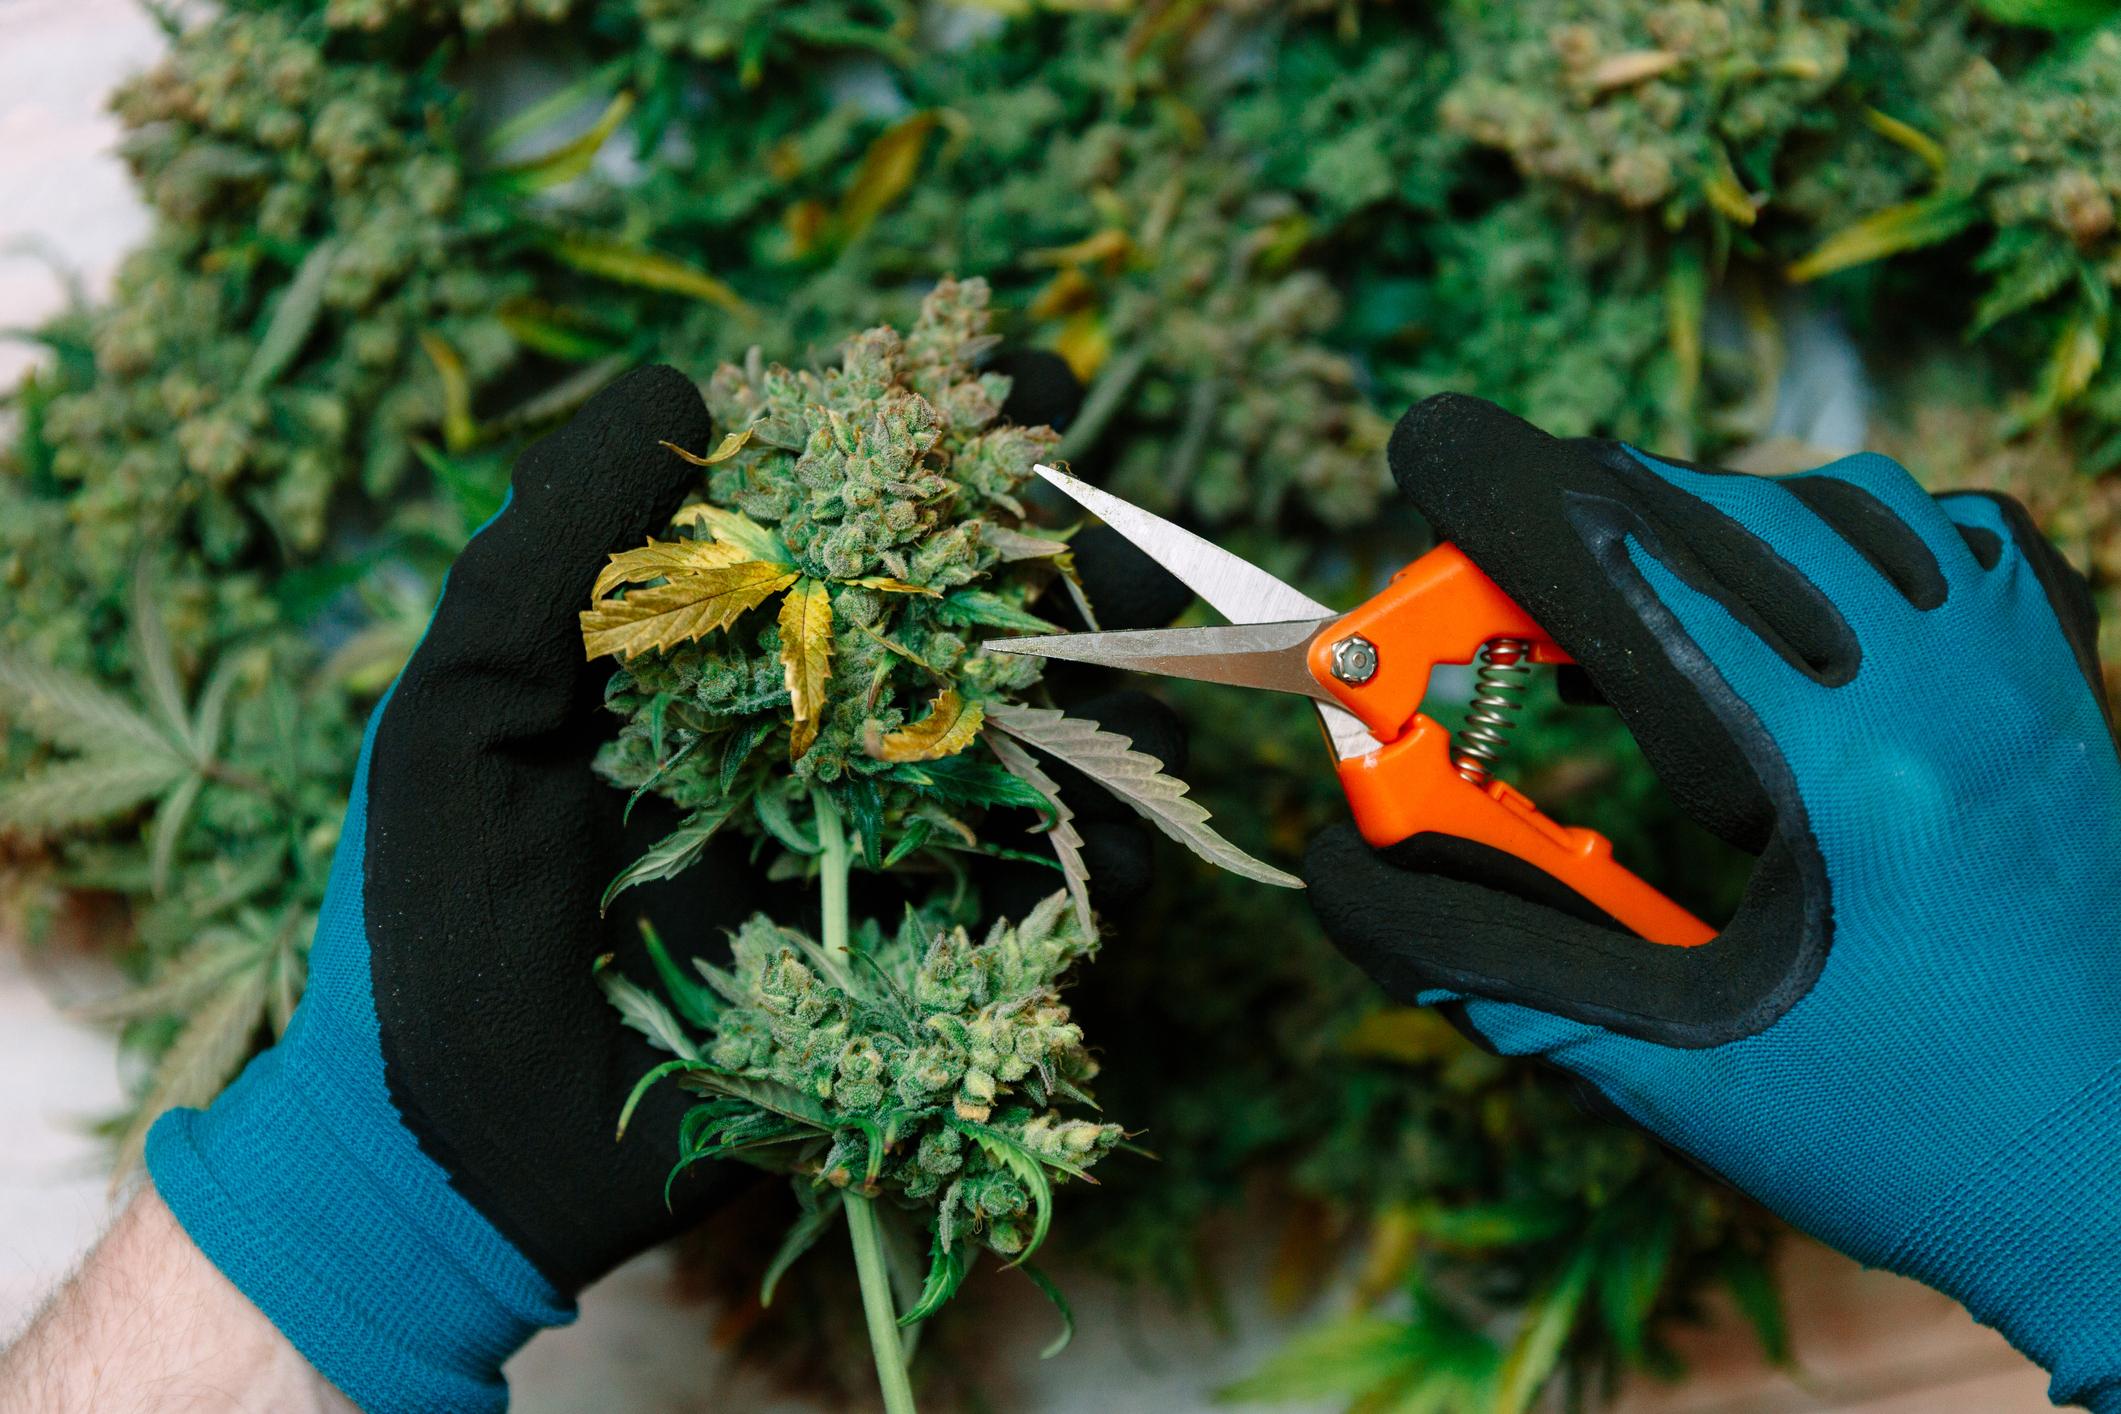 A processor using scissors to trim a cannabis flower.